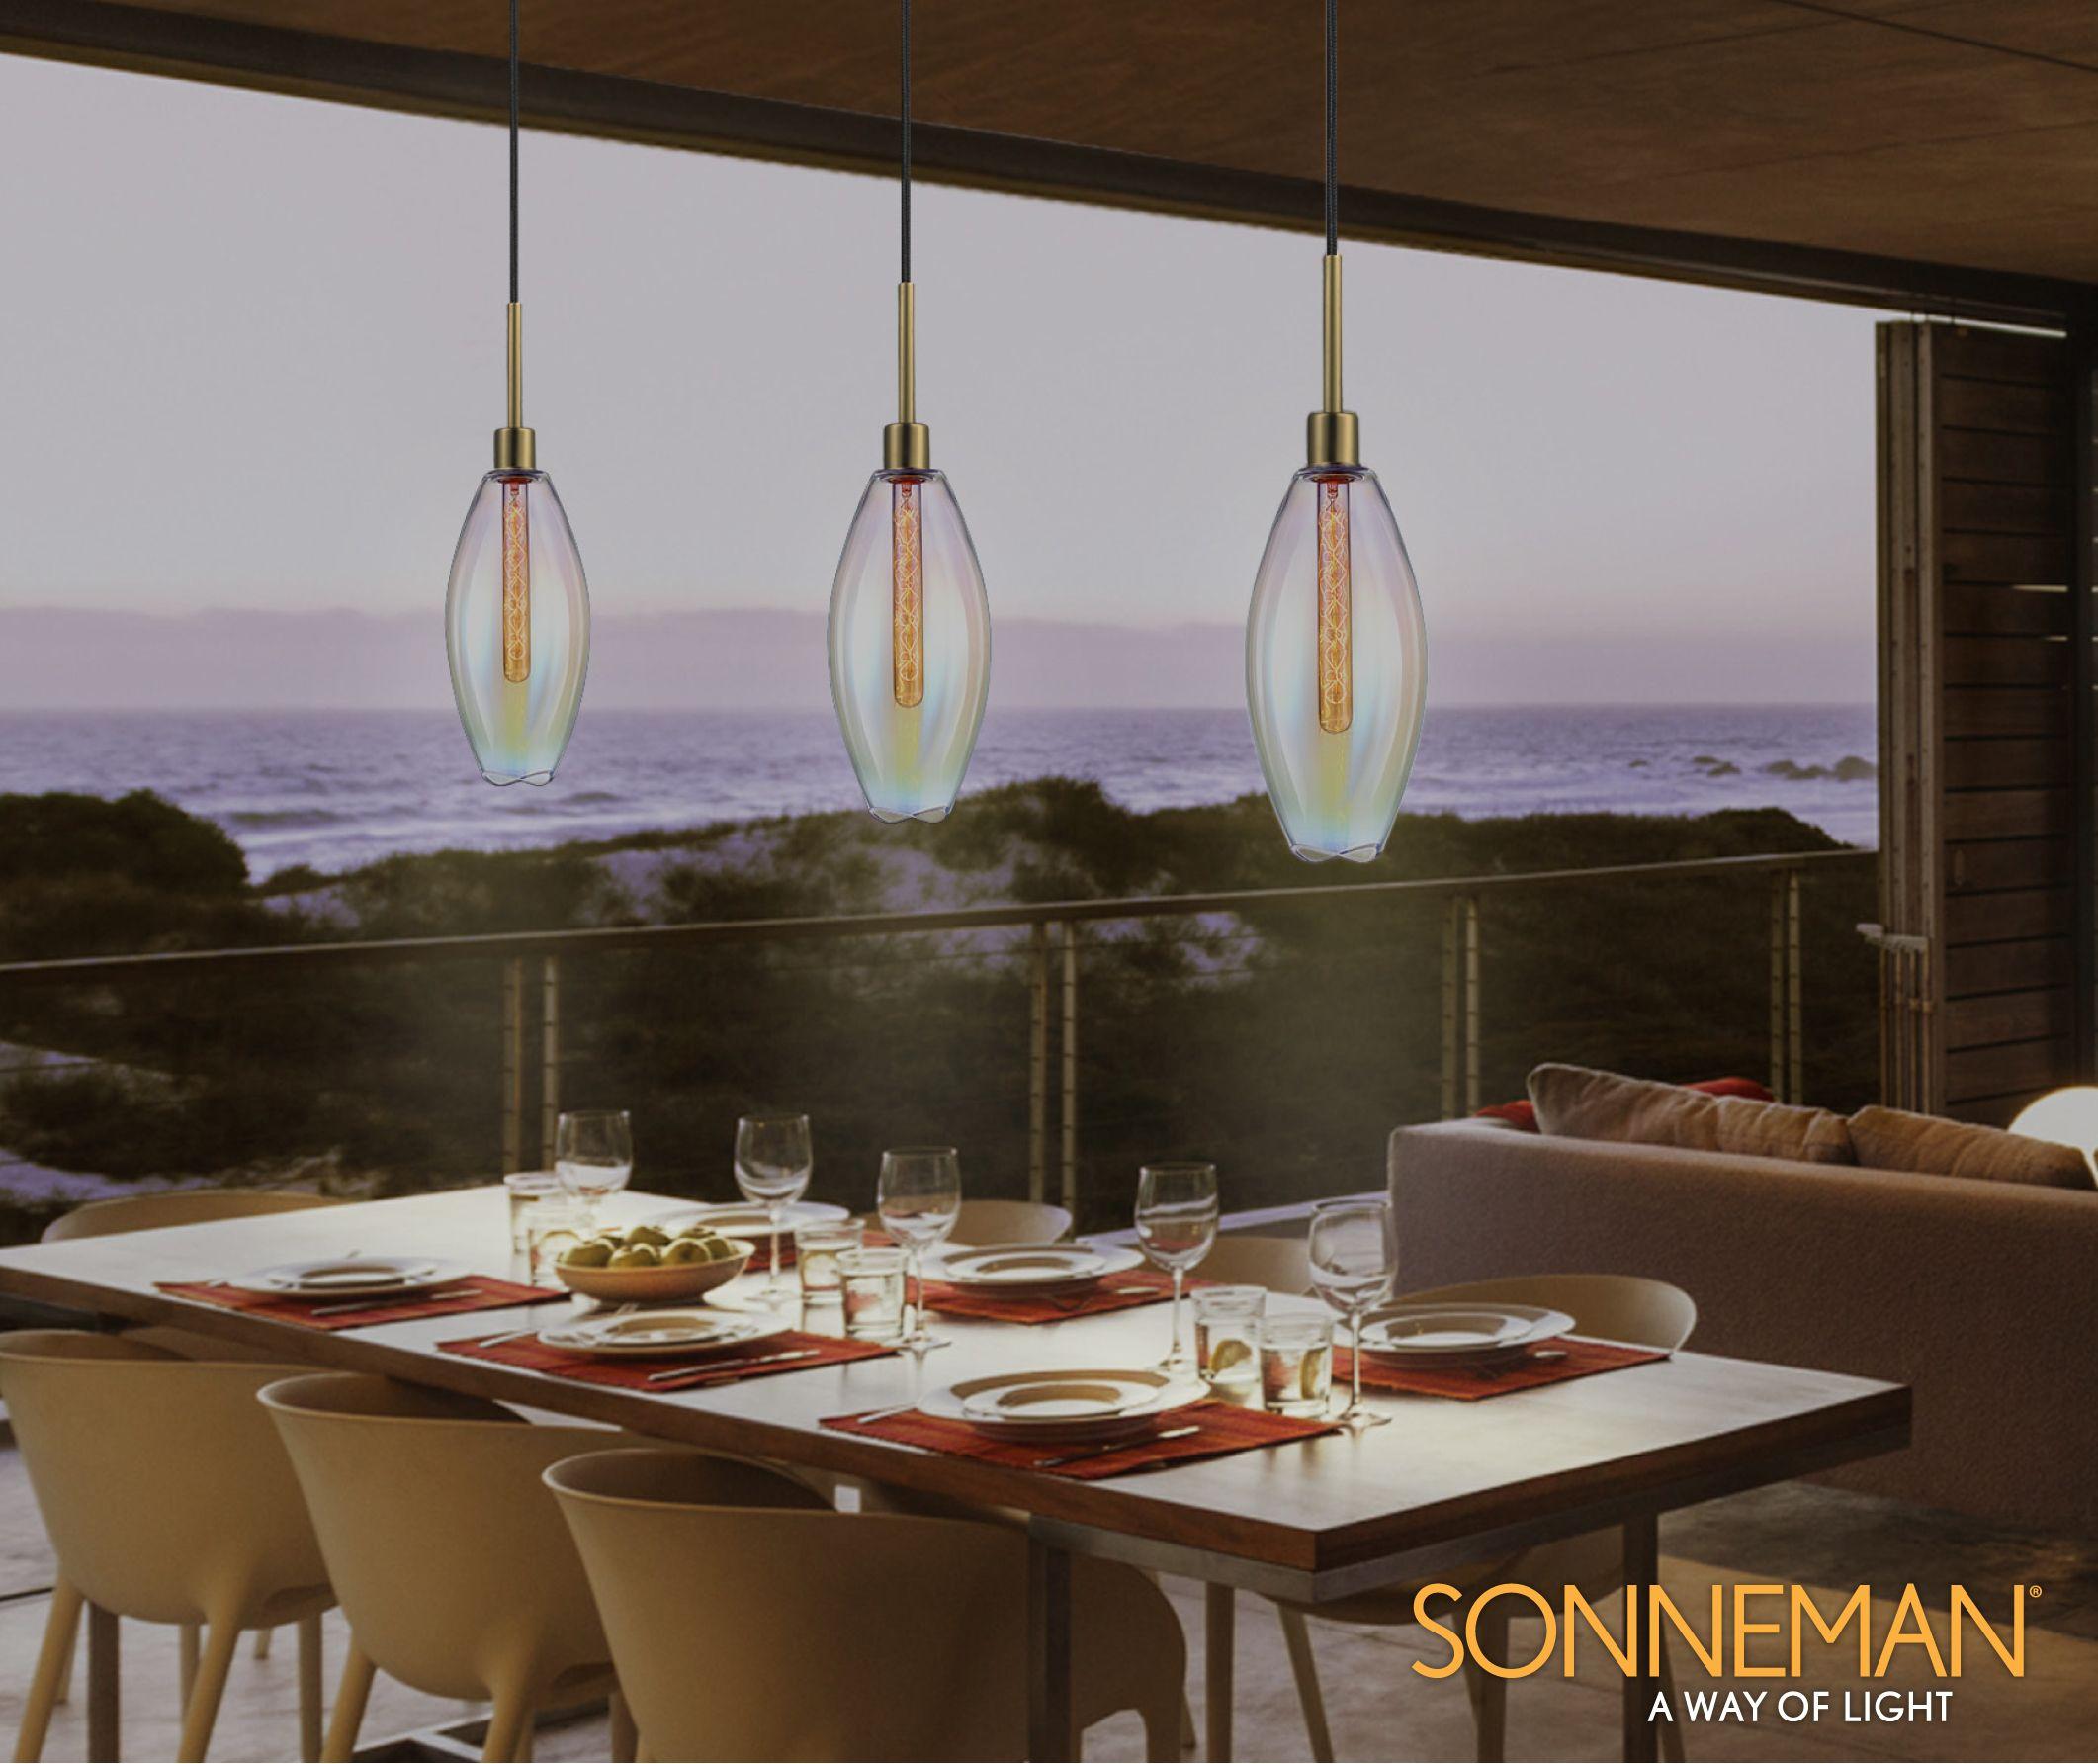 luxury lighting direct. Luxury Lighting Direct - Sonneman Lillia Collection I